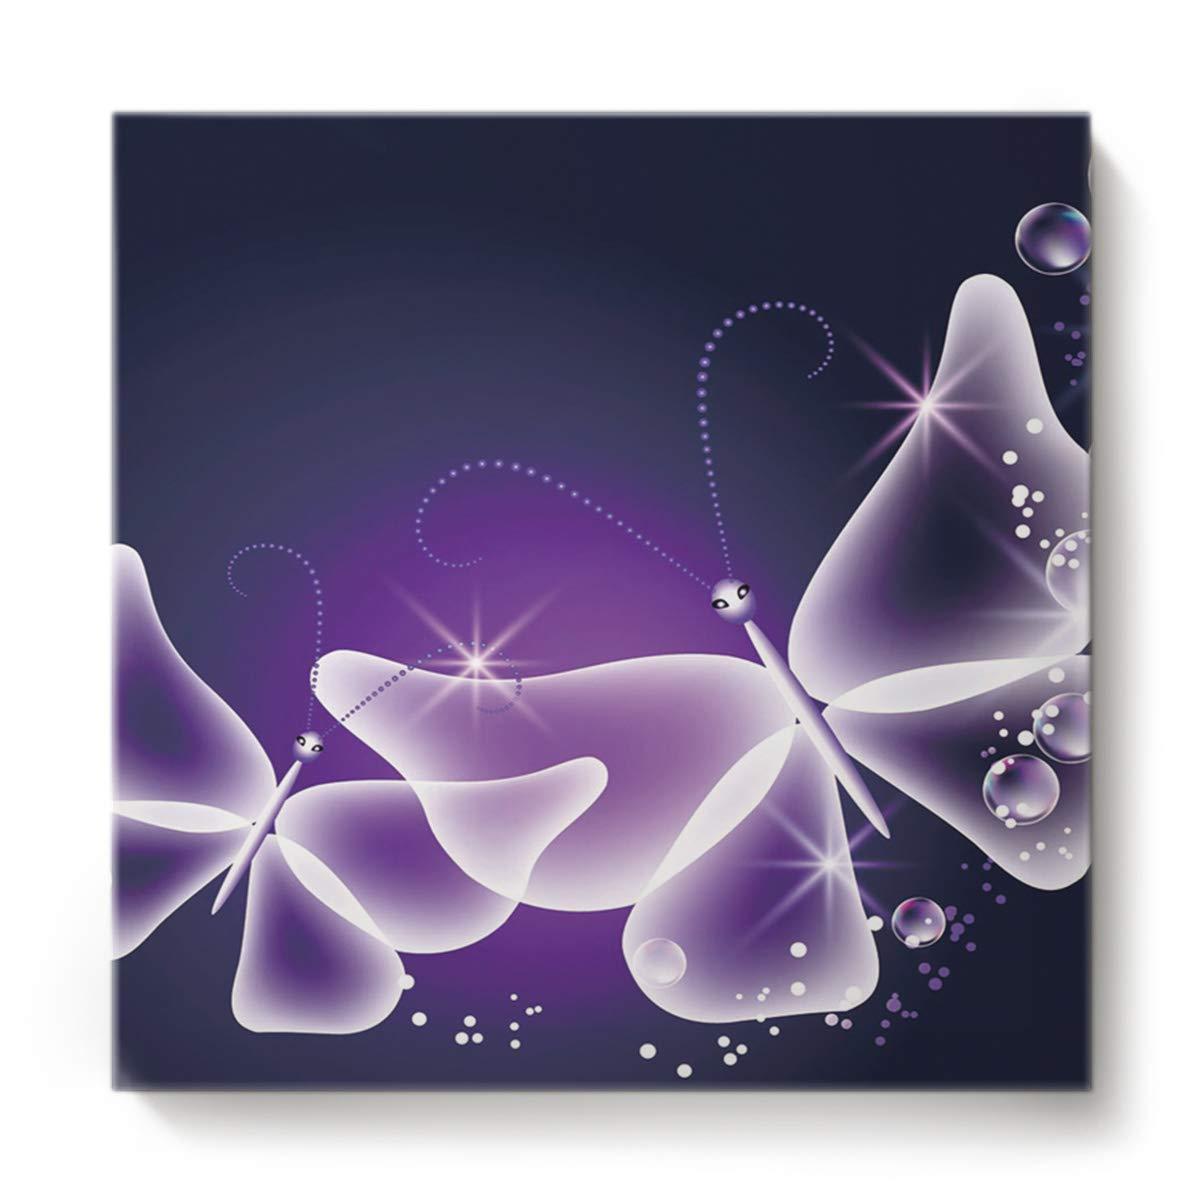 正方形キャンバスウォールアート 油絵 寝室 リビングルーム ホーム装飾 かわいいトンボ ピンクリーパターン オフィスアートワーク 木製フレームで枠張り済み すぐに掛けられる 16 x 16 Inch 201810220NAAYAGYAGGSLEO00822NAABYAG 16 x 16 Inch Butterfly4yag0728 B07M97KL3F